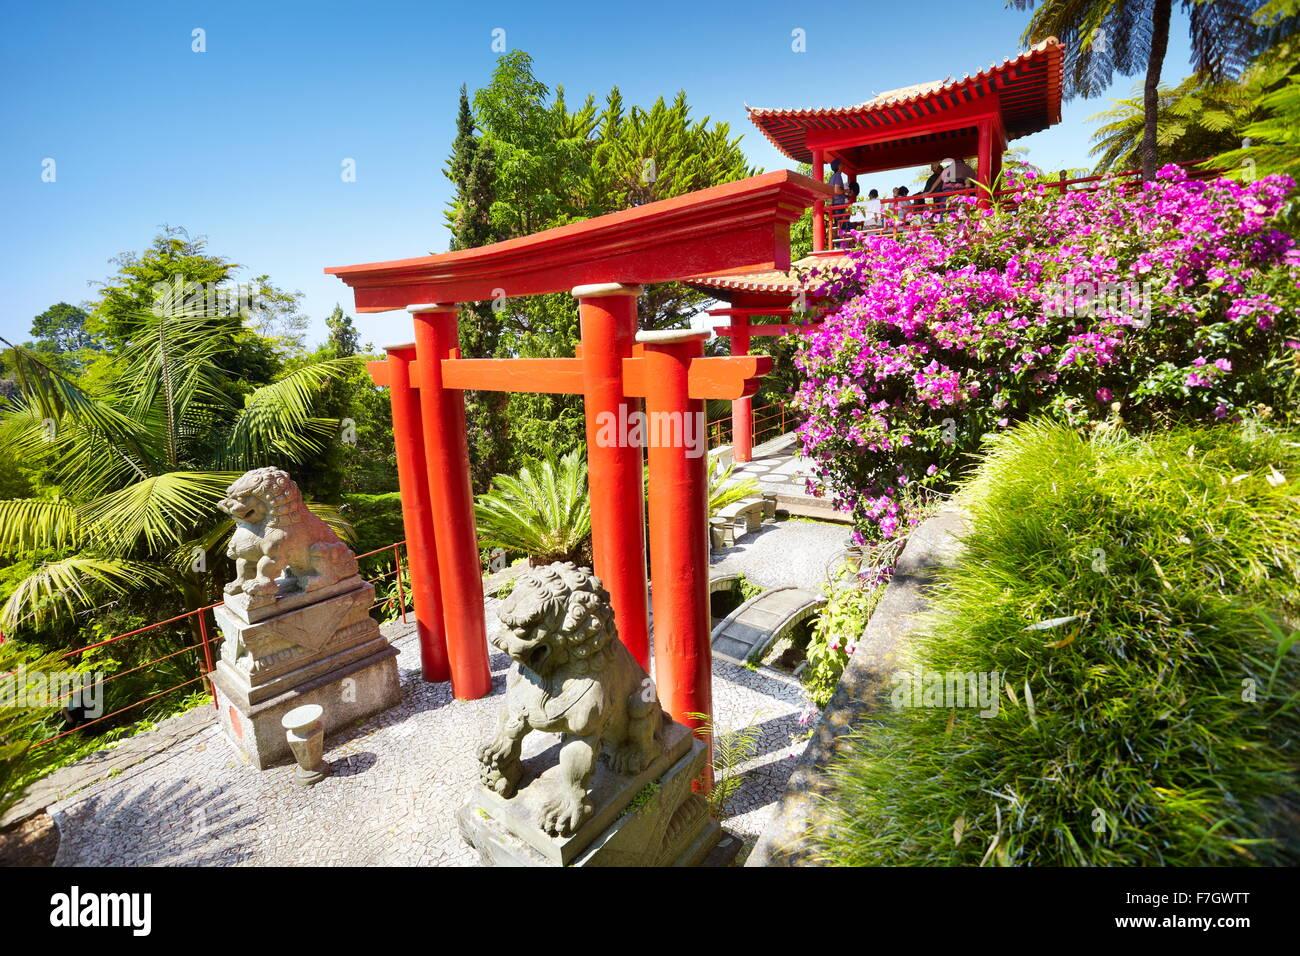 Giapponese giappone oriental giardino tropicale - Monte Isola di Madeira, Portogallo Immagini Stock